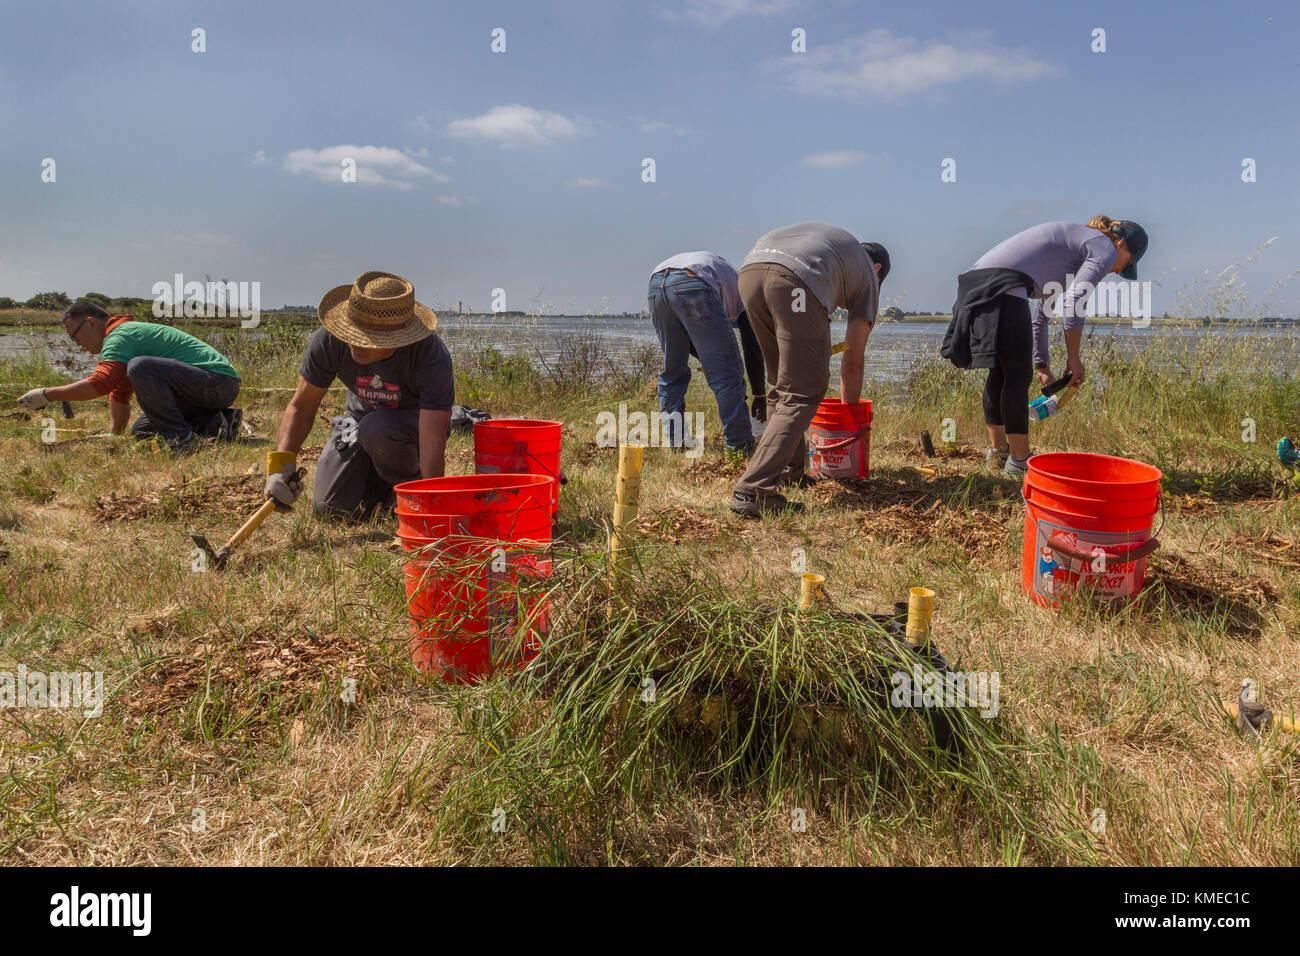 Cinq personnes qui travaillent à l'événement,nettoyage,littoral mlk oakland,california,usa Photo Stock